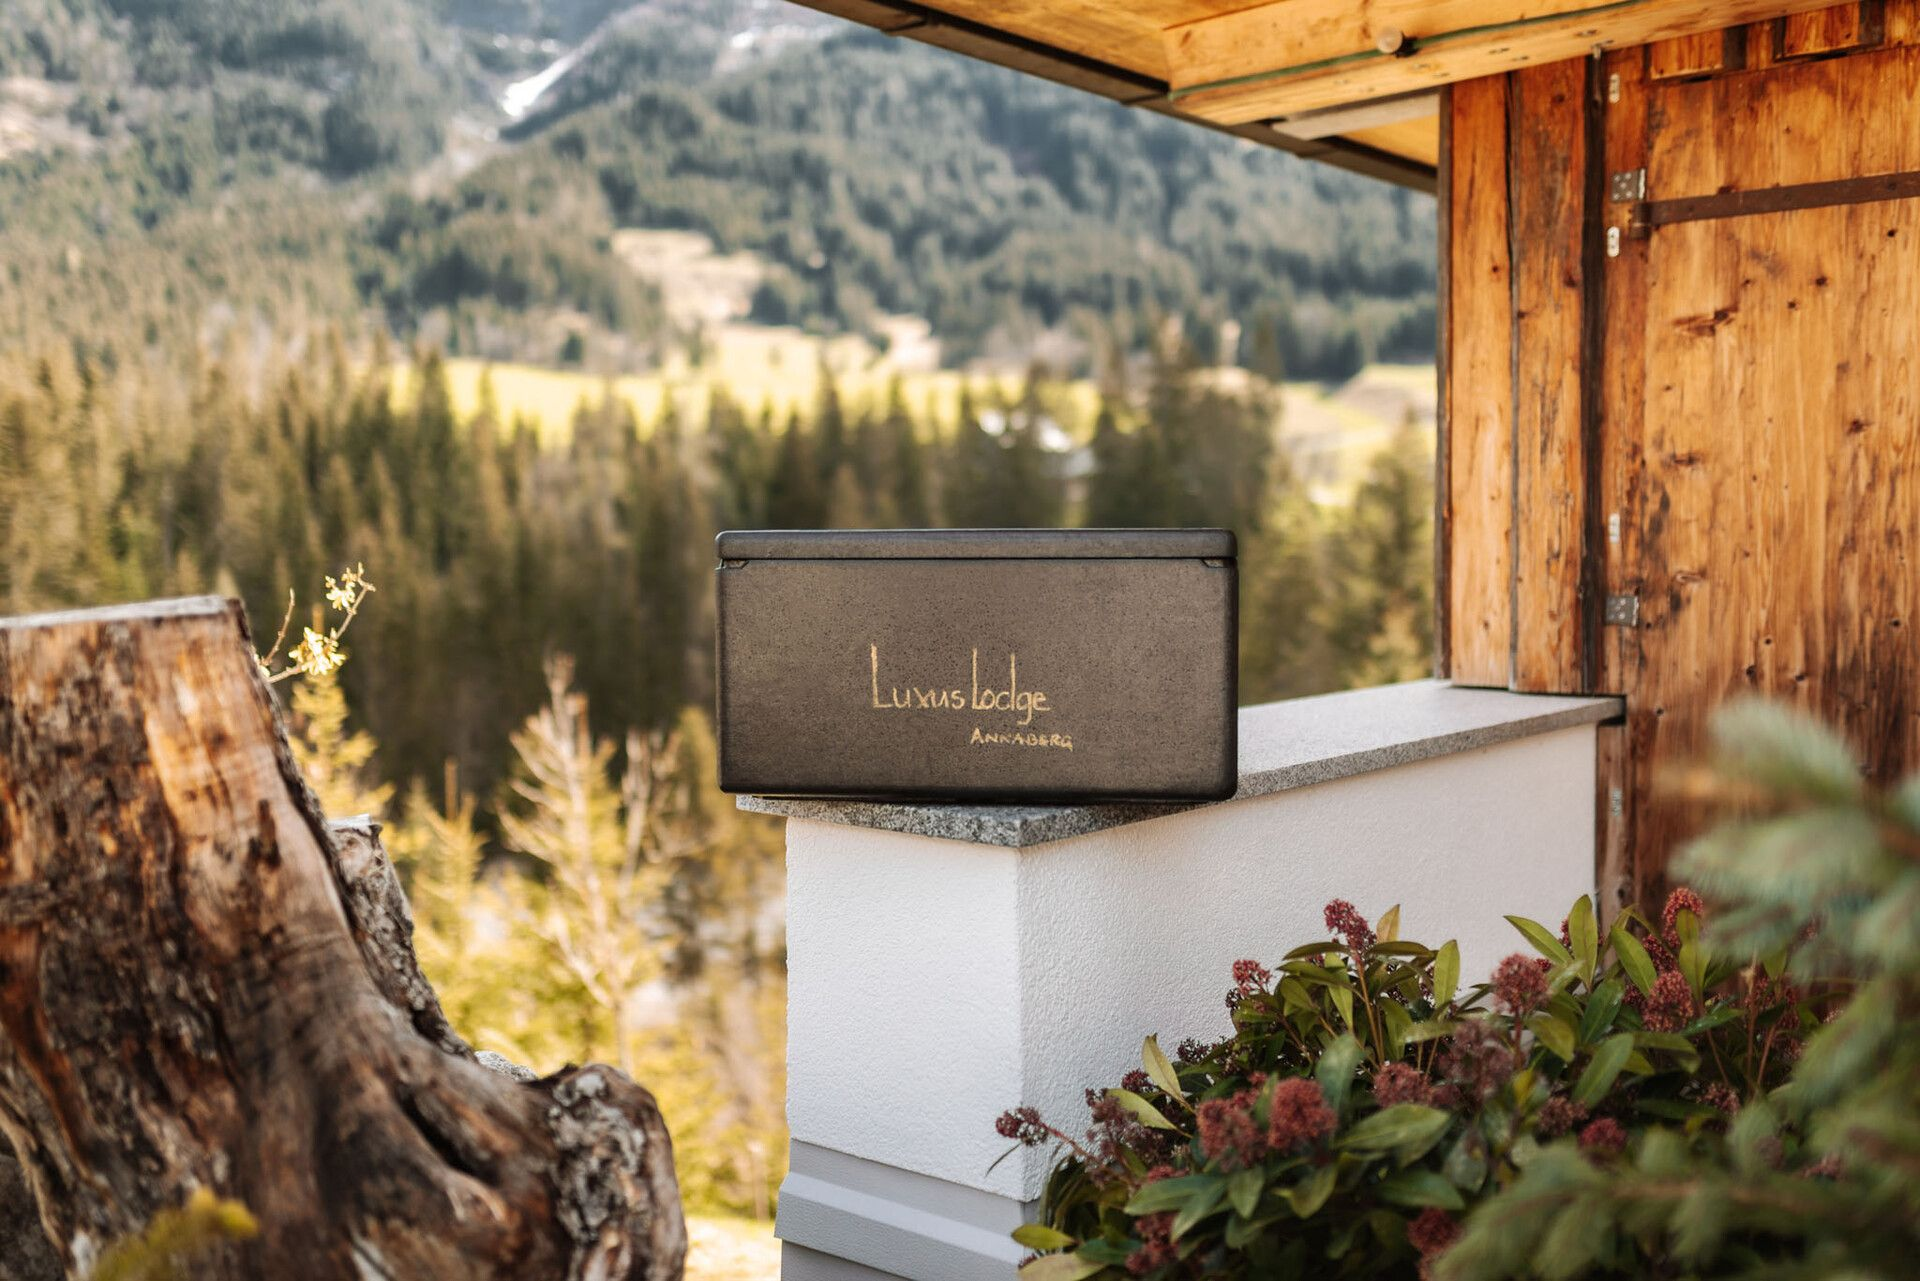 Genuss-Packages in der Luxuslodge | Annaberg im Salzburger Land